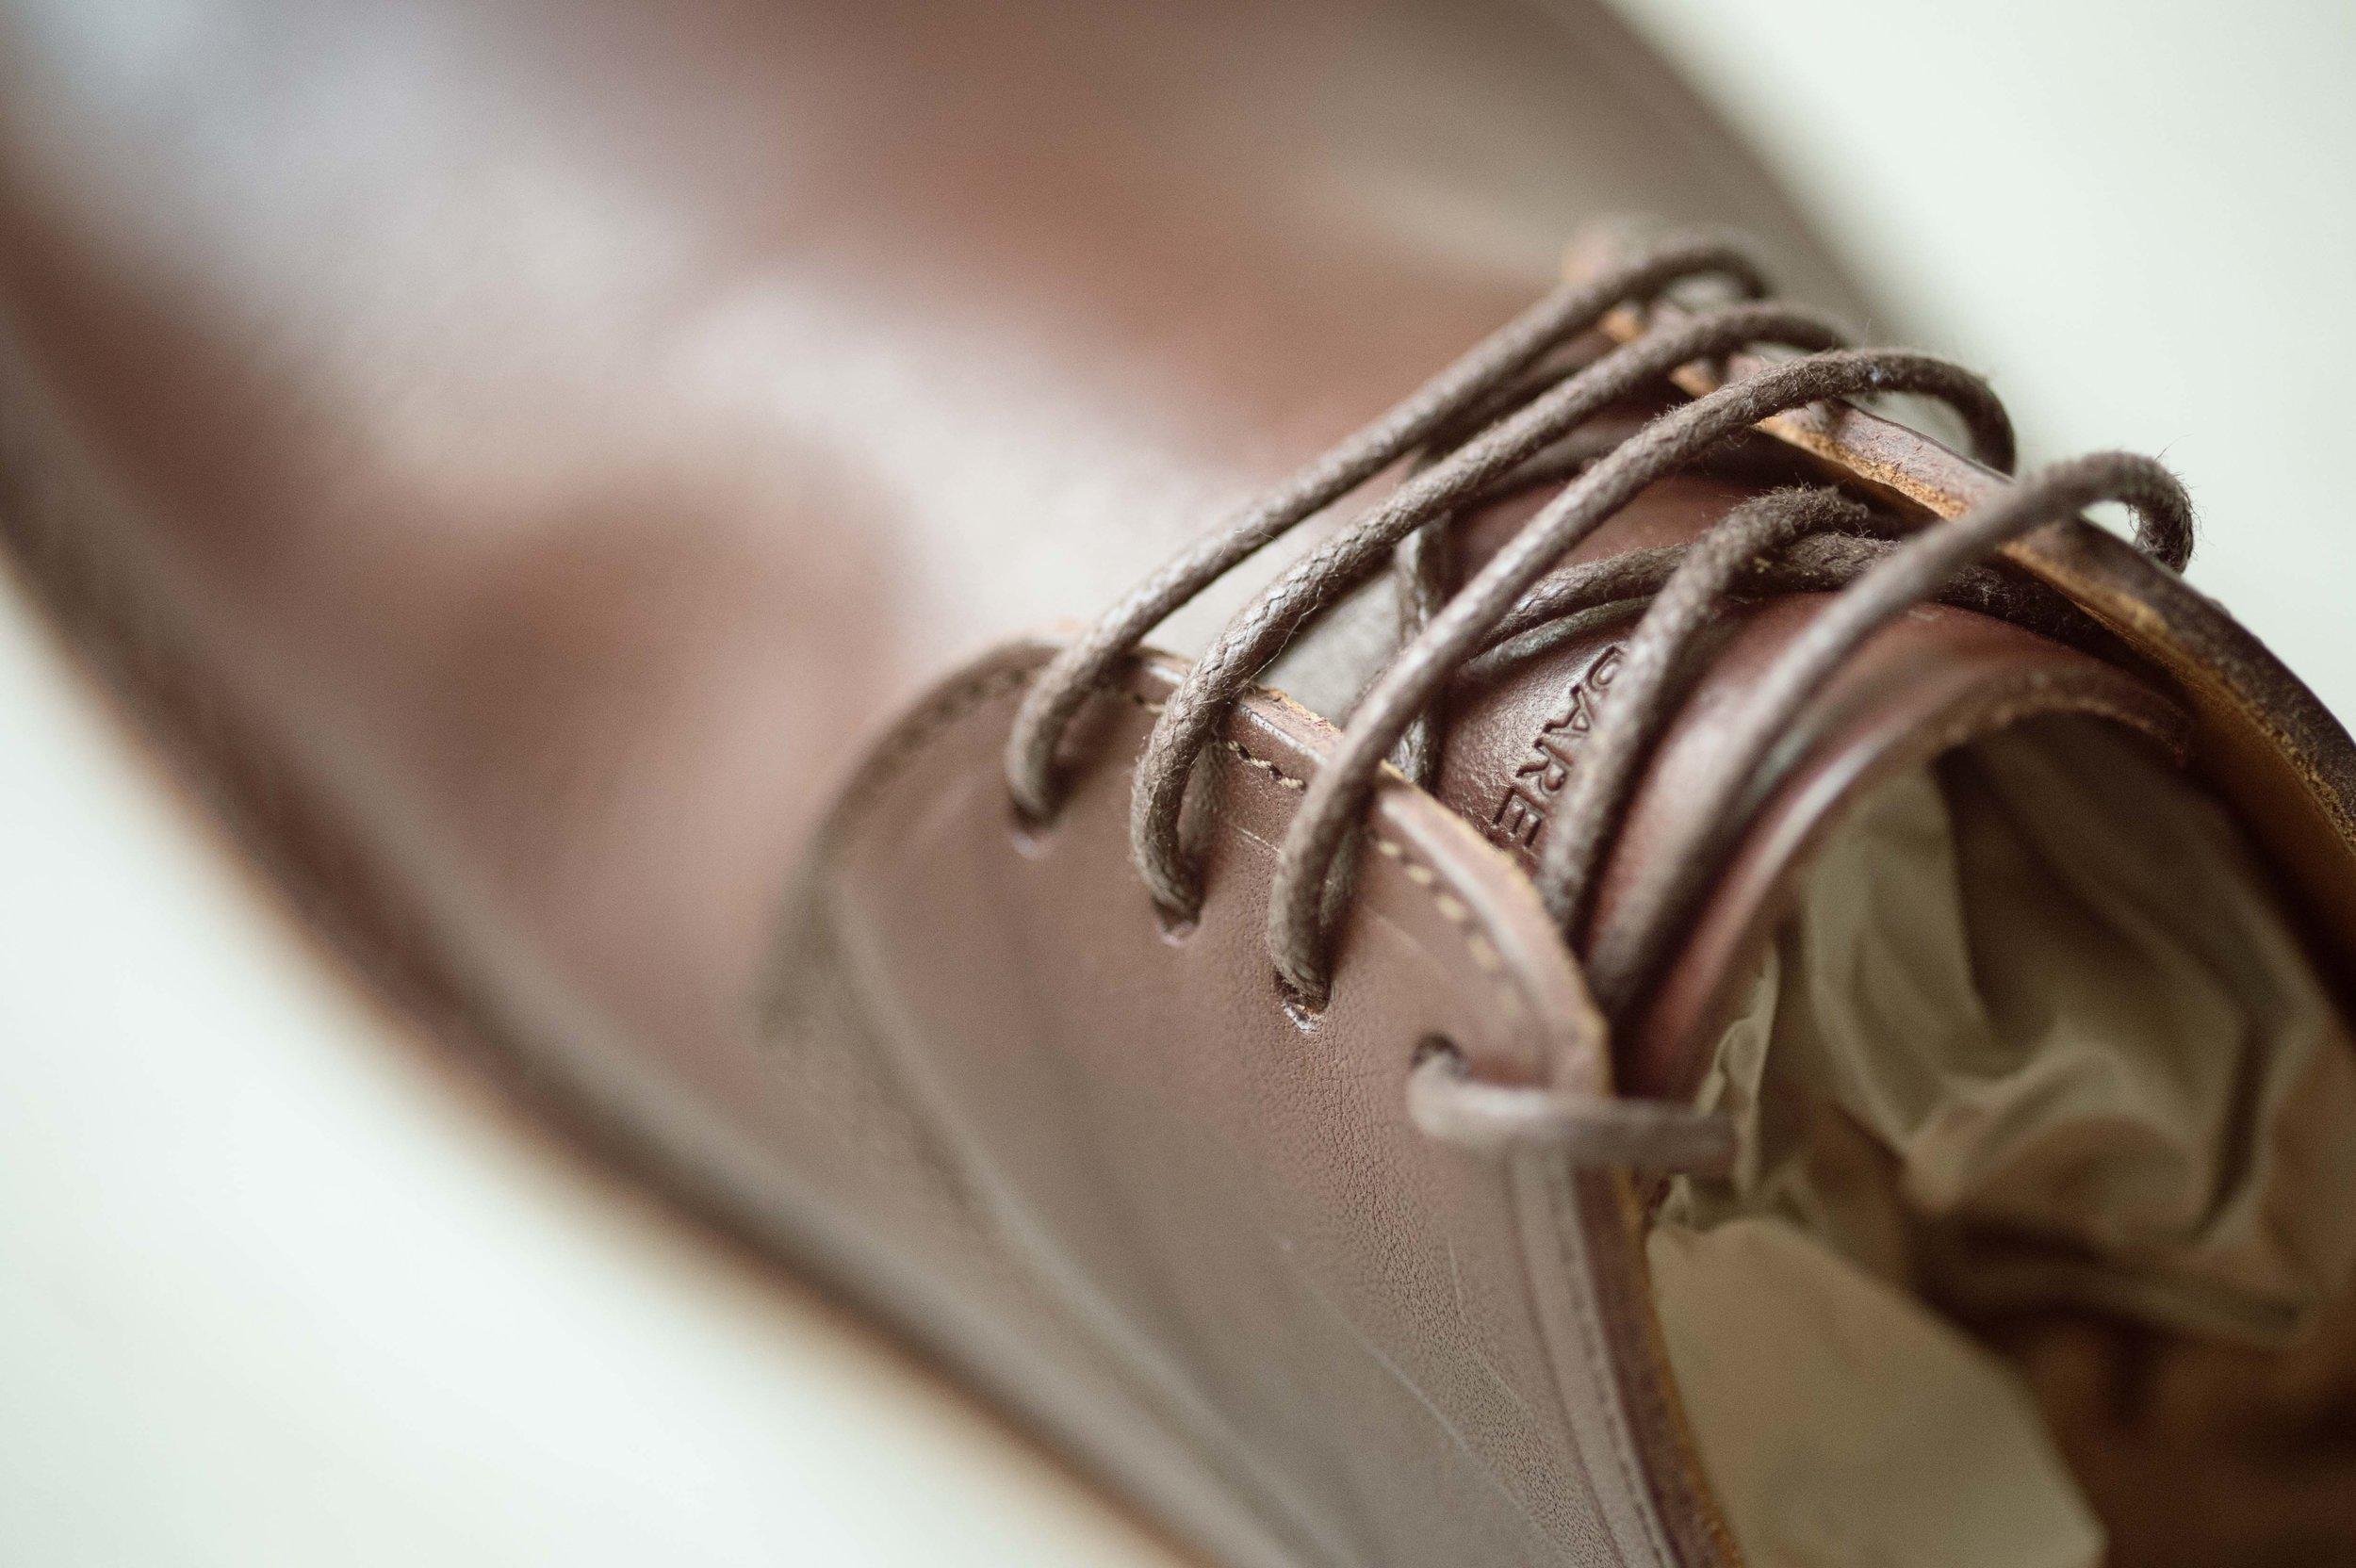 Barefoot_runner_office_shoes_thetrinerd_aniko_towers_photo-16.jpg